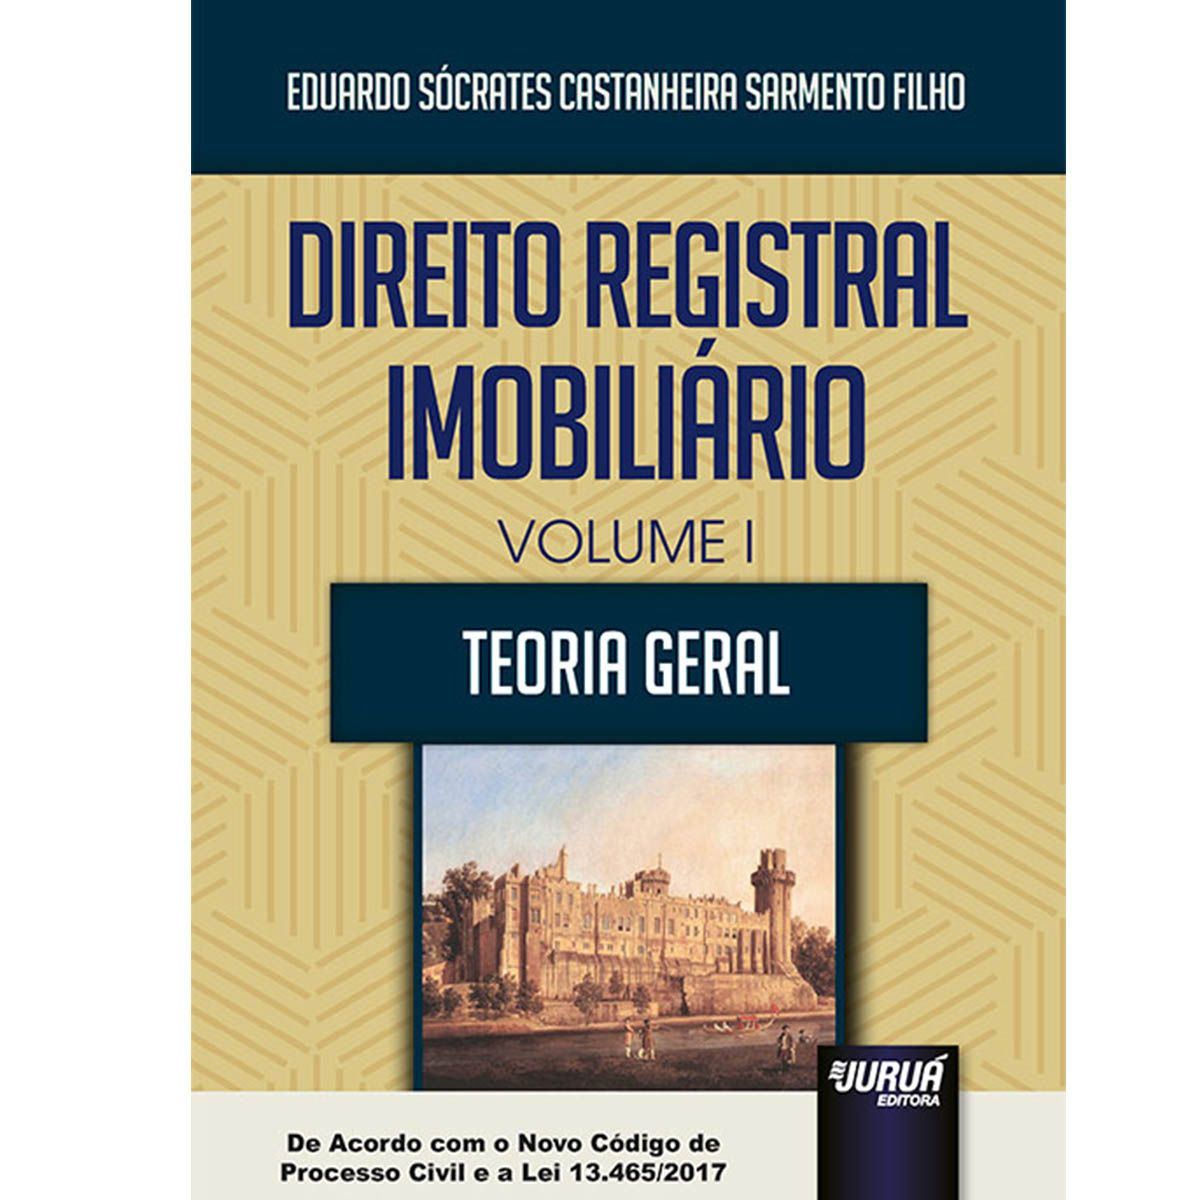 Direito Registral Imobiliário - Volume I - Teoria Geral